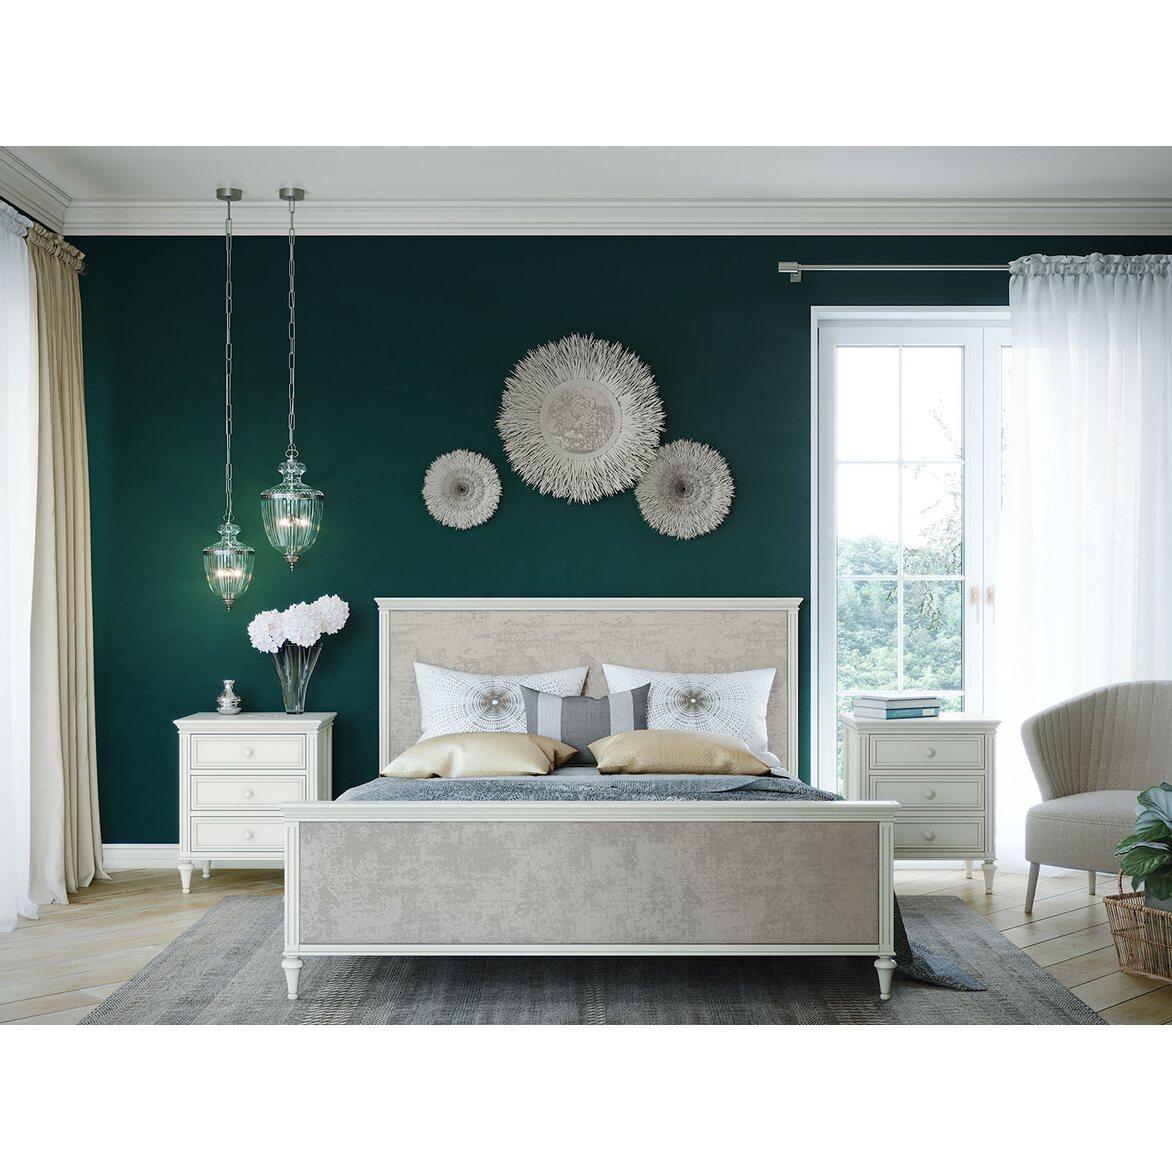 Кровать Riverdi, двуспальная, слоновая кость 3 | Двуспальные кровати Kingsby